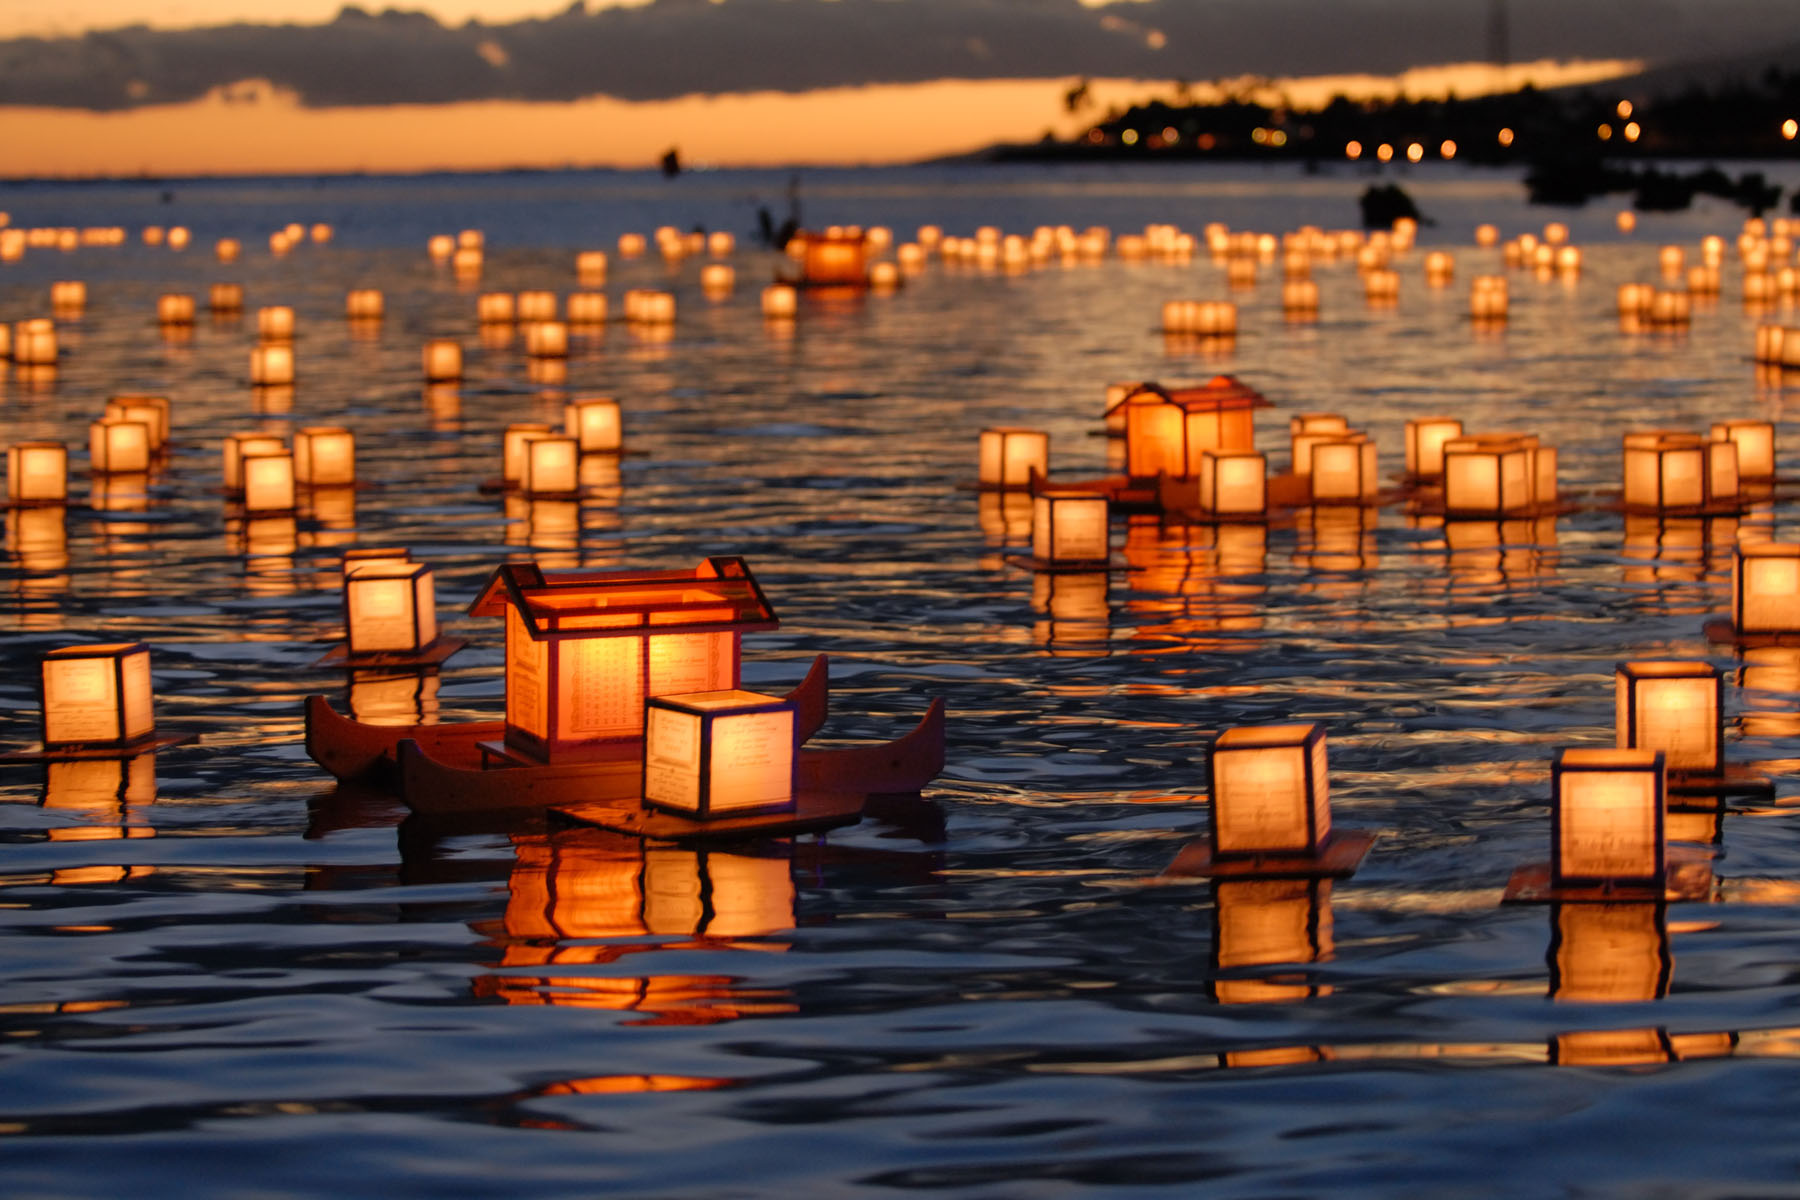 lantern-floating.jpg (JPEG Image, 1800×1200 pixels) - Scaled (57%)